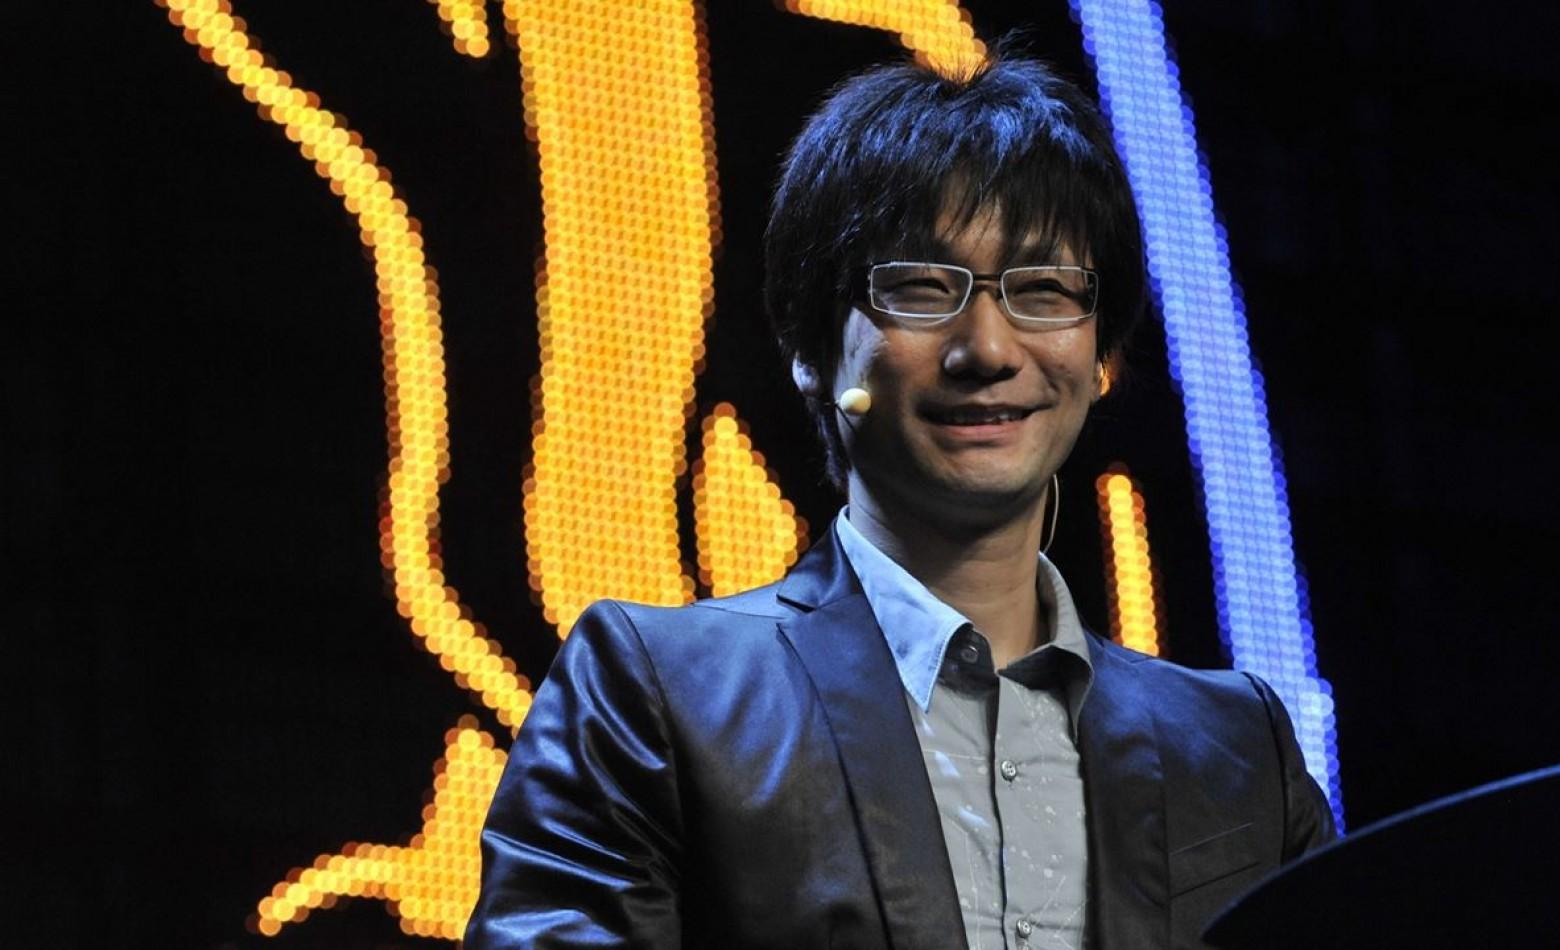 Chega ao fim o casamento de Konami e Hideo Kojima